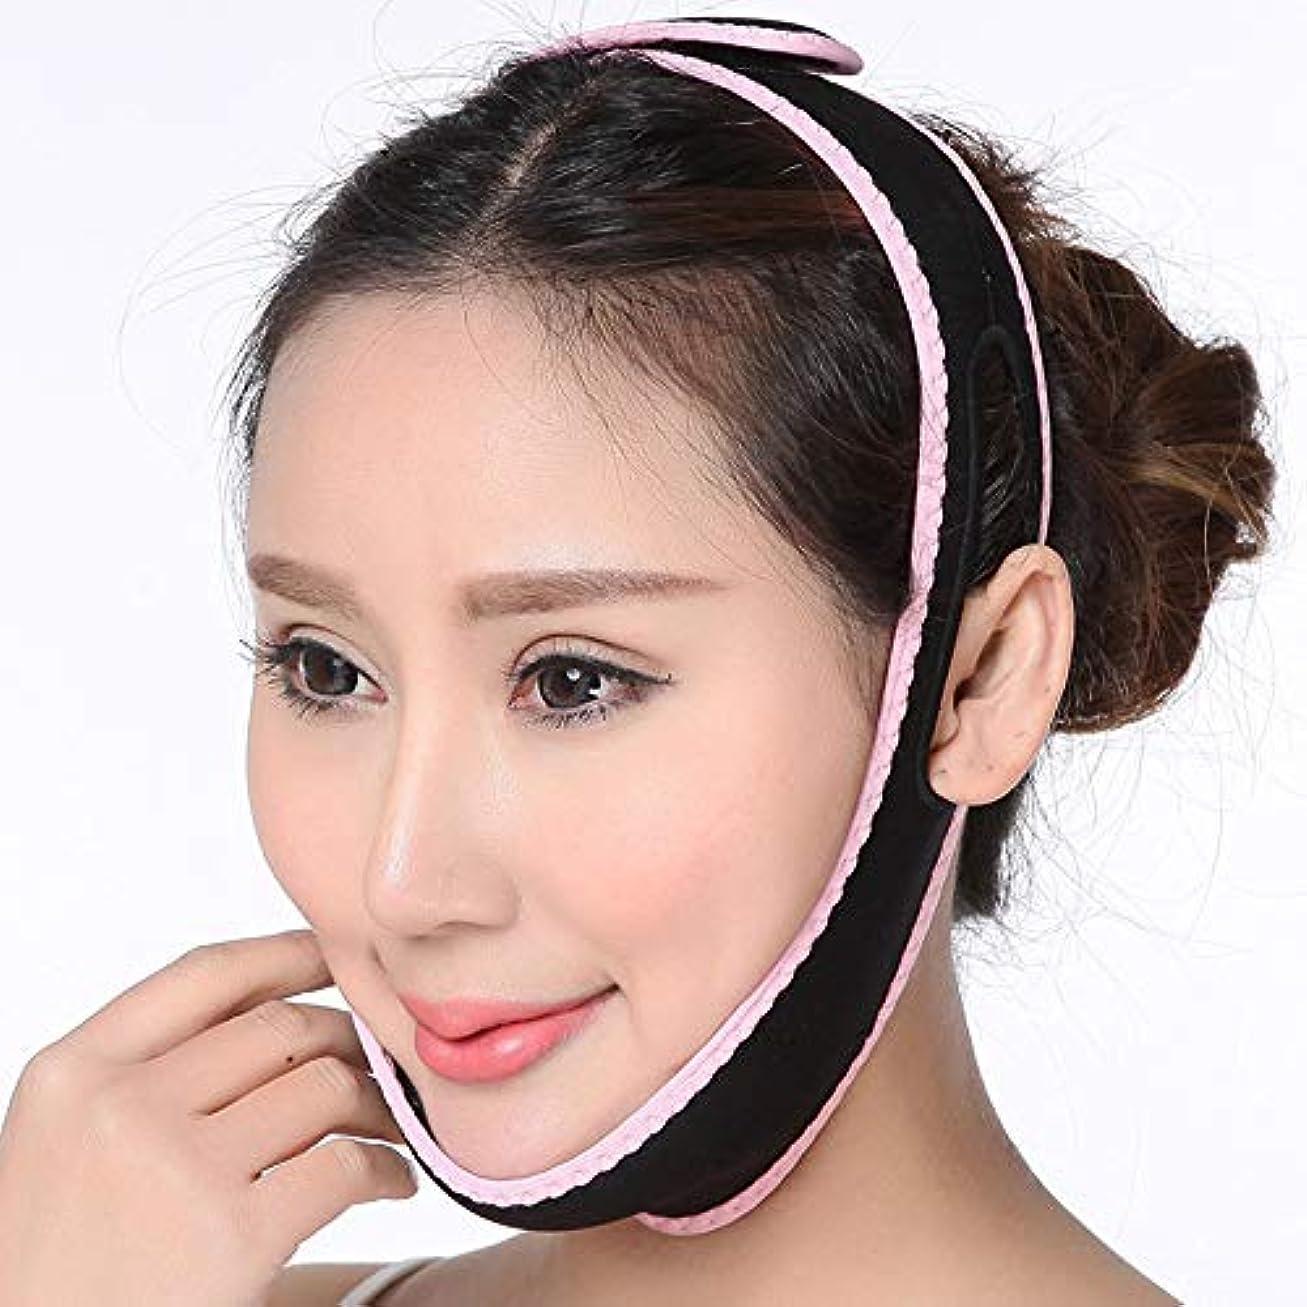 発音オーガニック約束する顔面持ち上げ器具、vフェイス、顔持ち上げ包帯、ハーフパッケージマスク、持ち上げと締め付け、ユニセックス